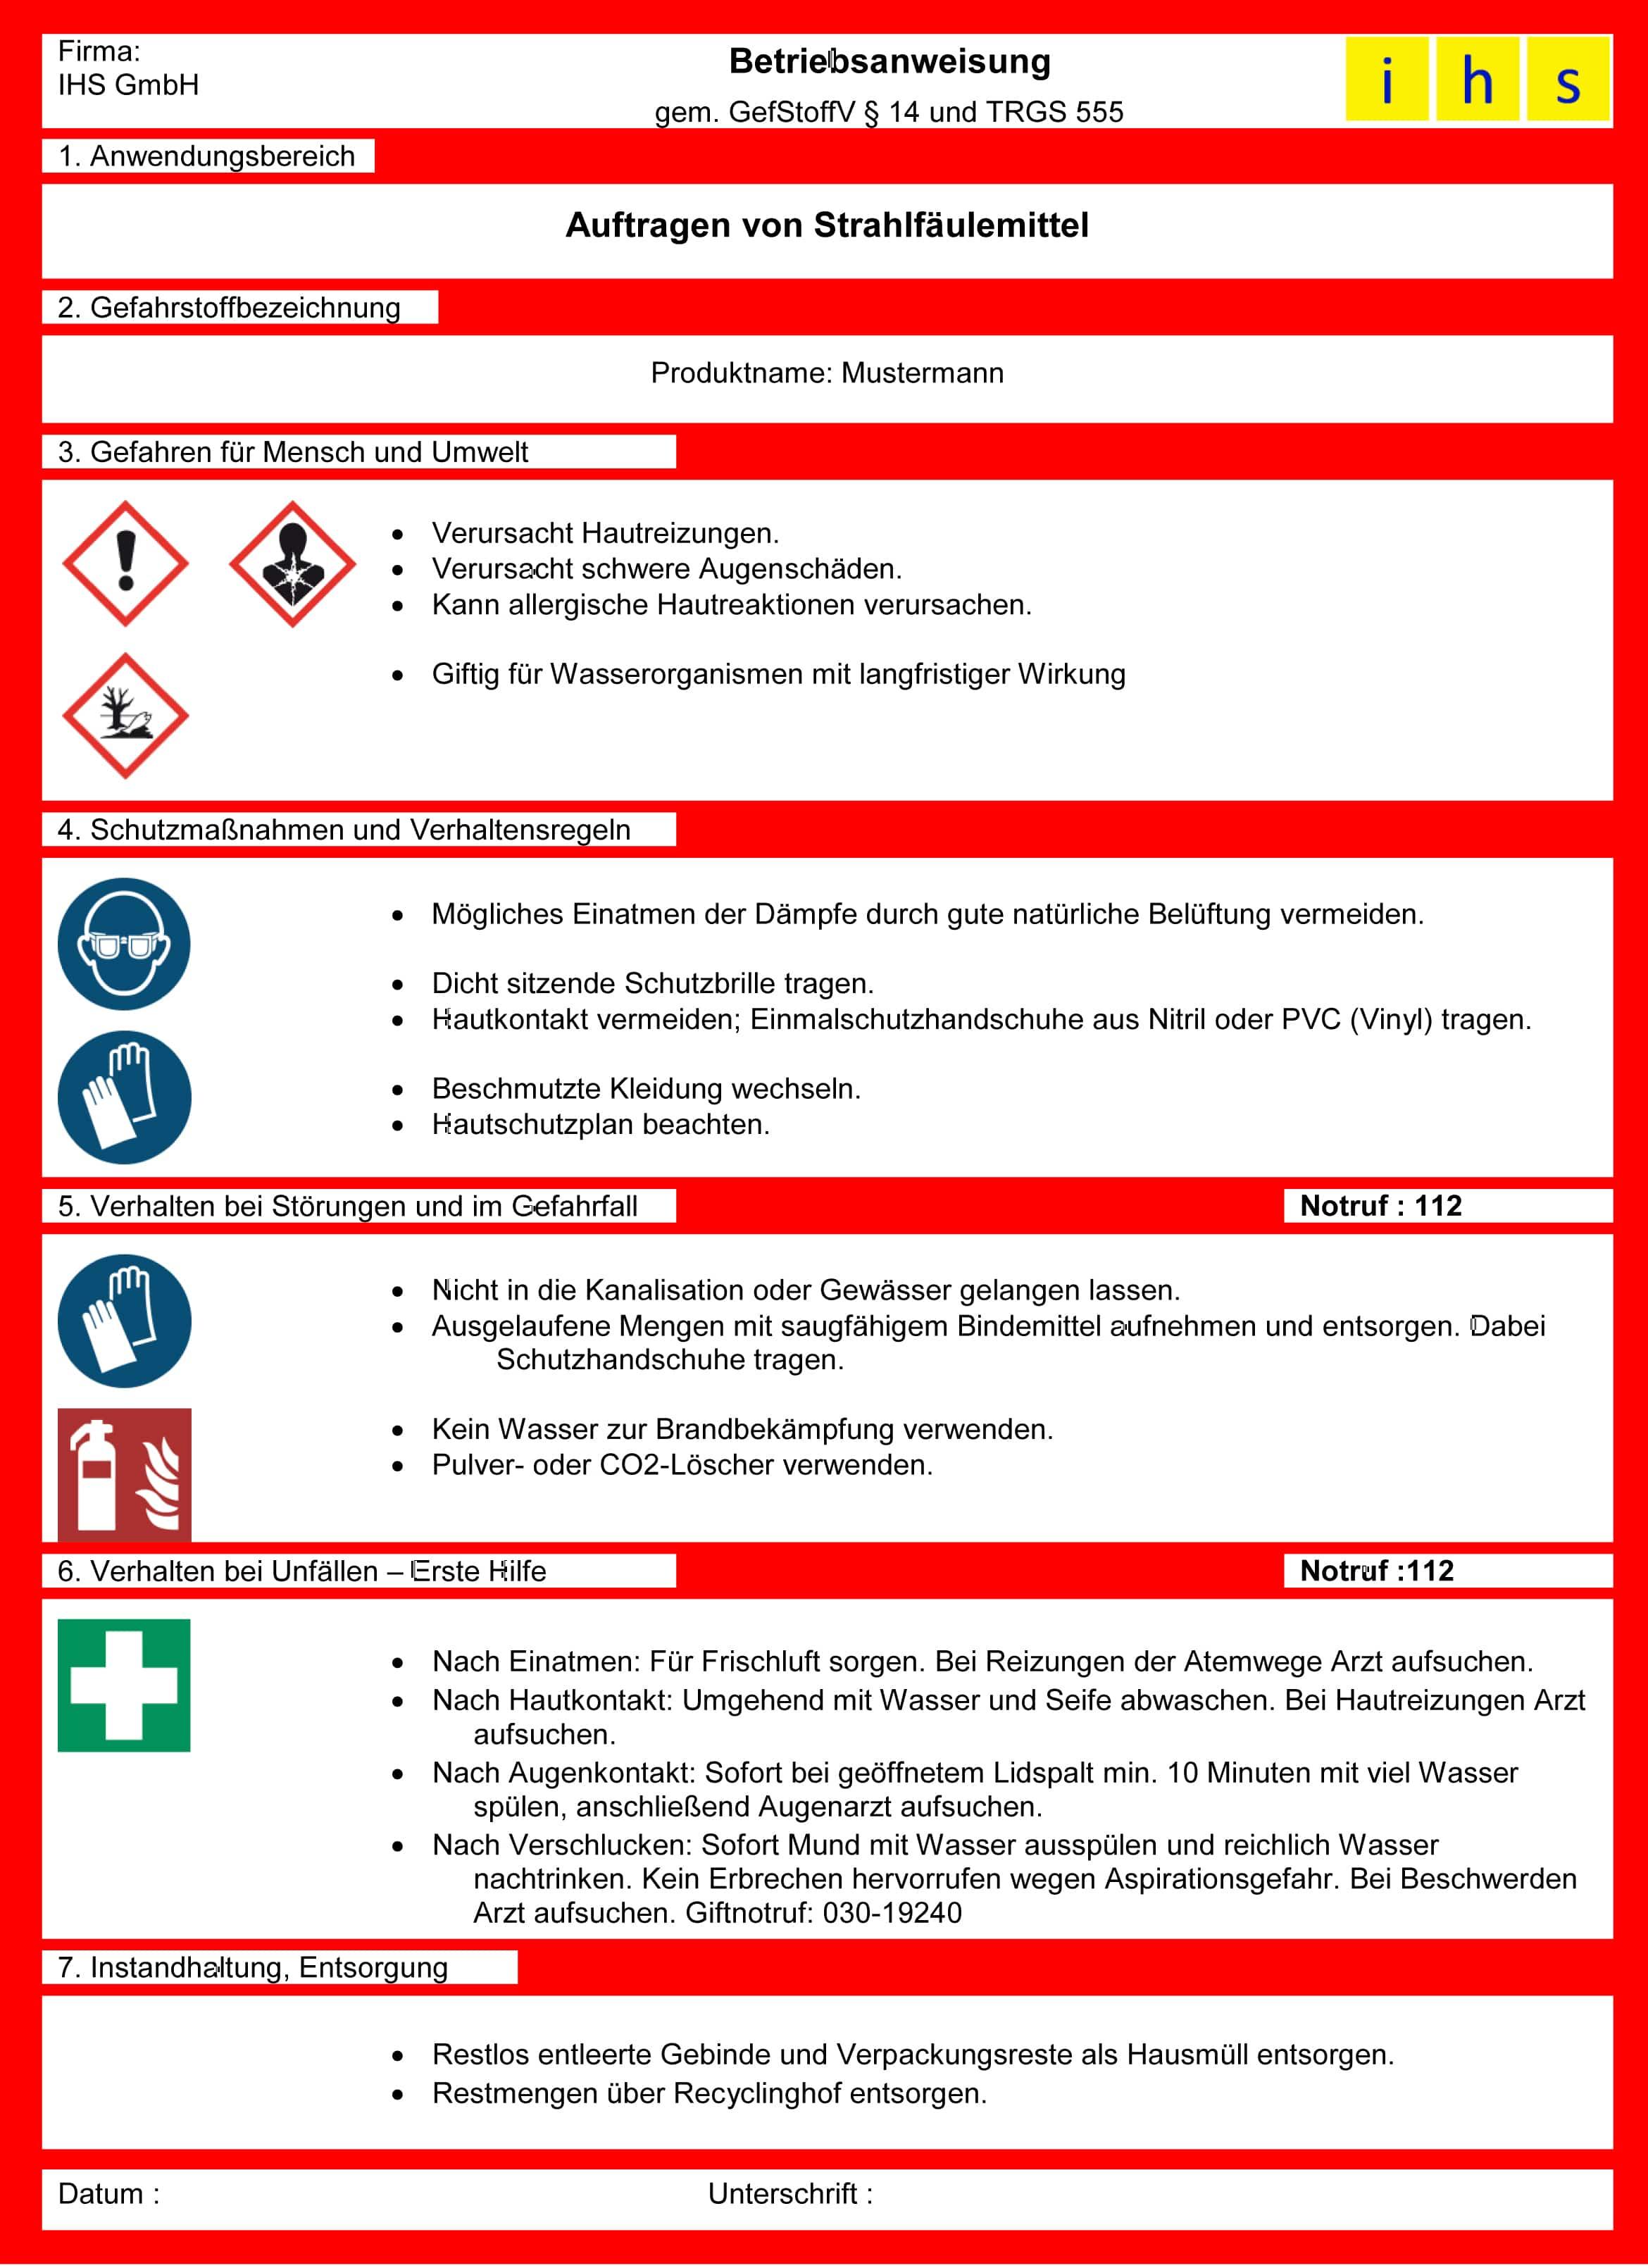 Betriebsanweisung Gefahrstoffe20